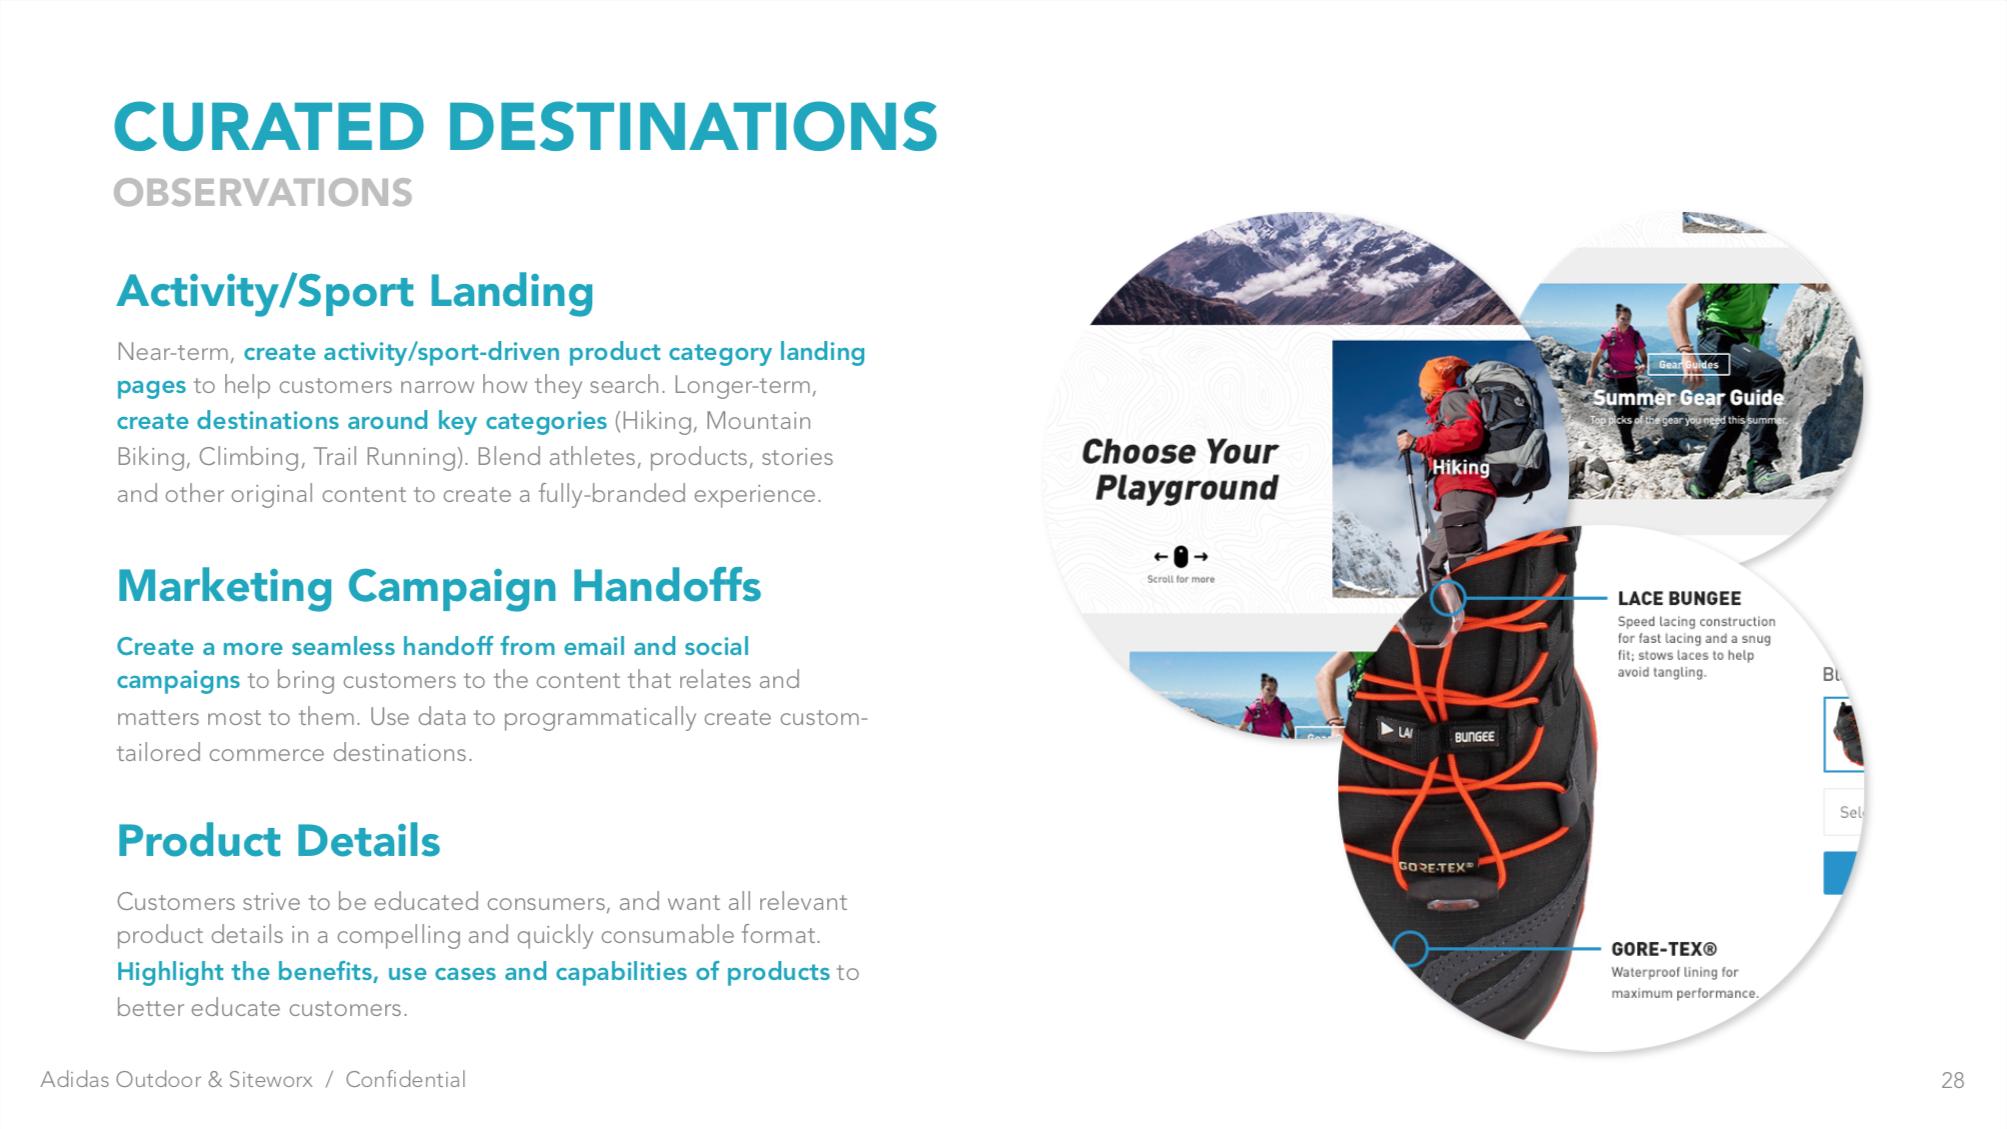 adidas-destinationsrecommendations.png